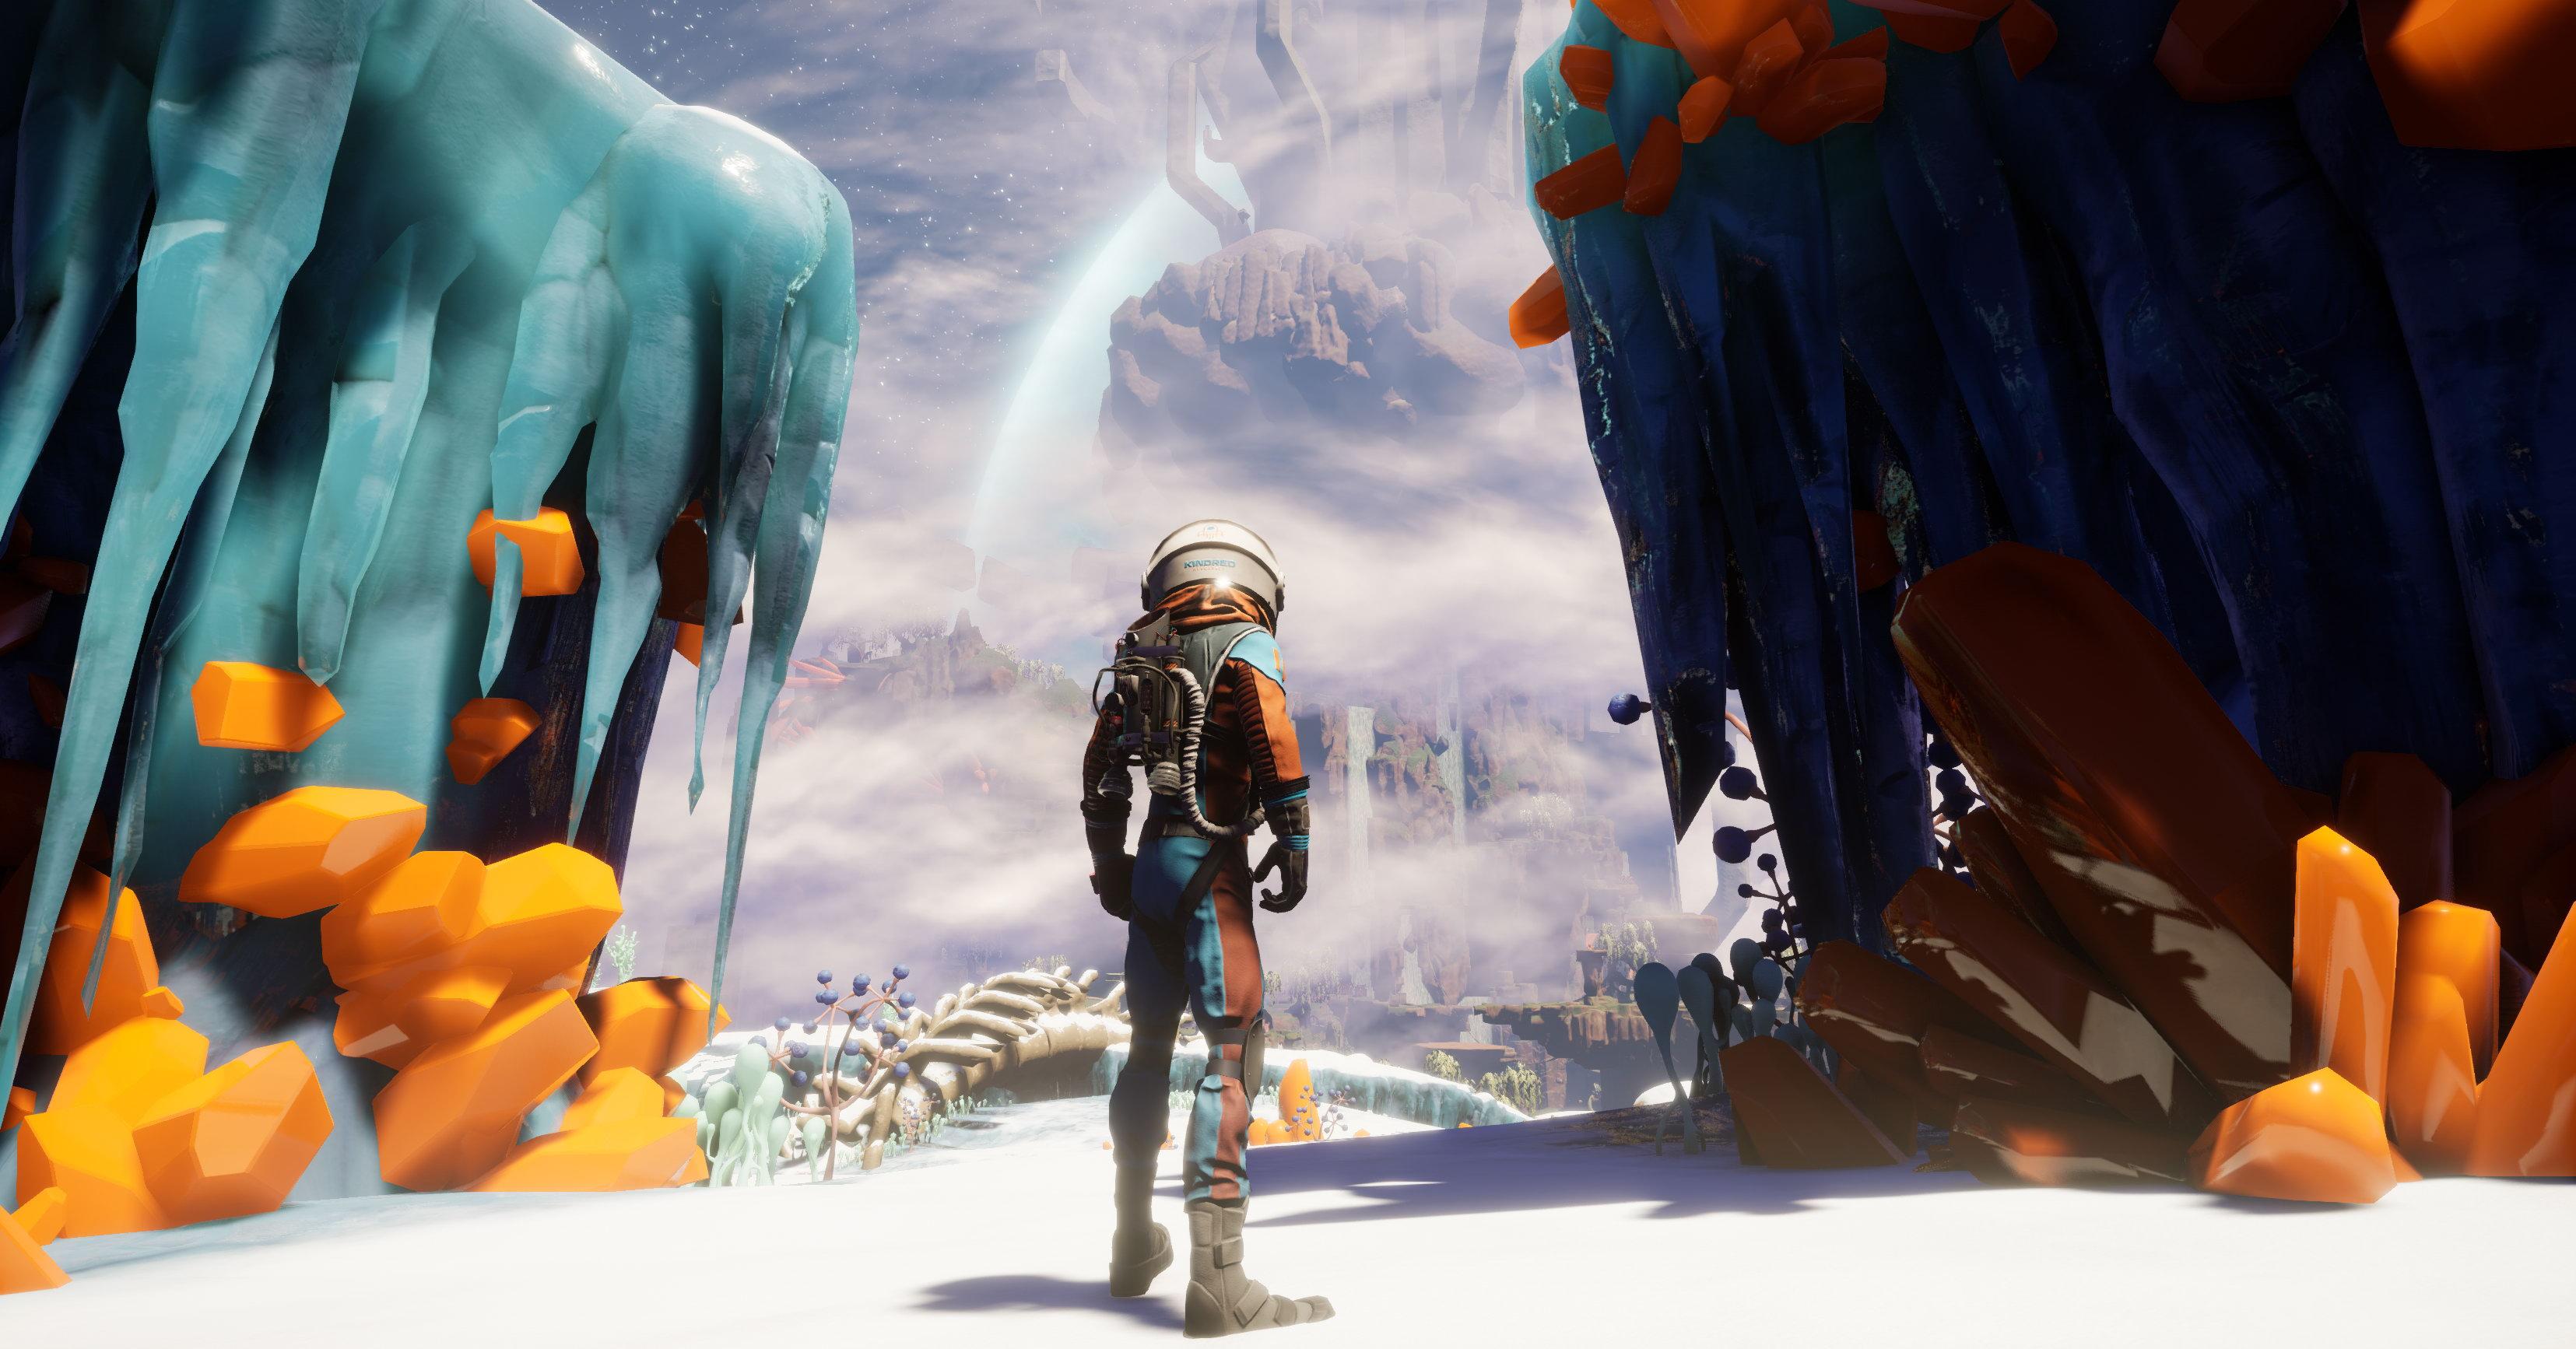 科幻游戏《野蛮星球之旅》新预告 生机勃勃的开放世界